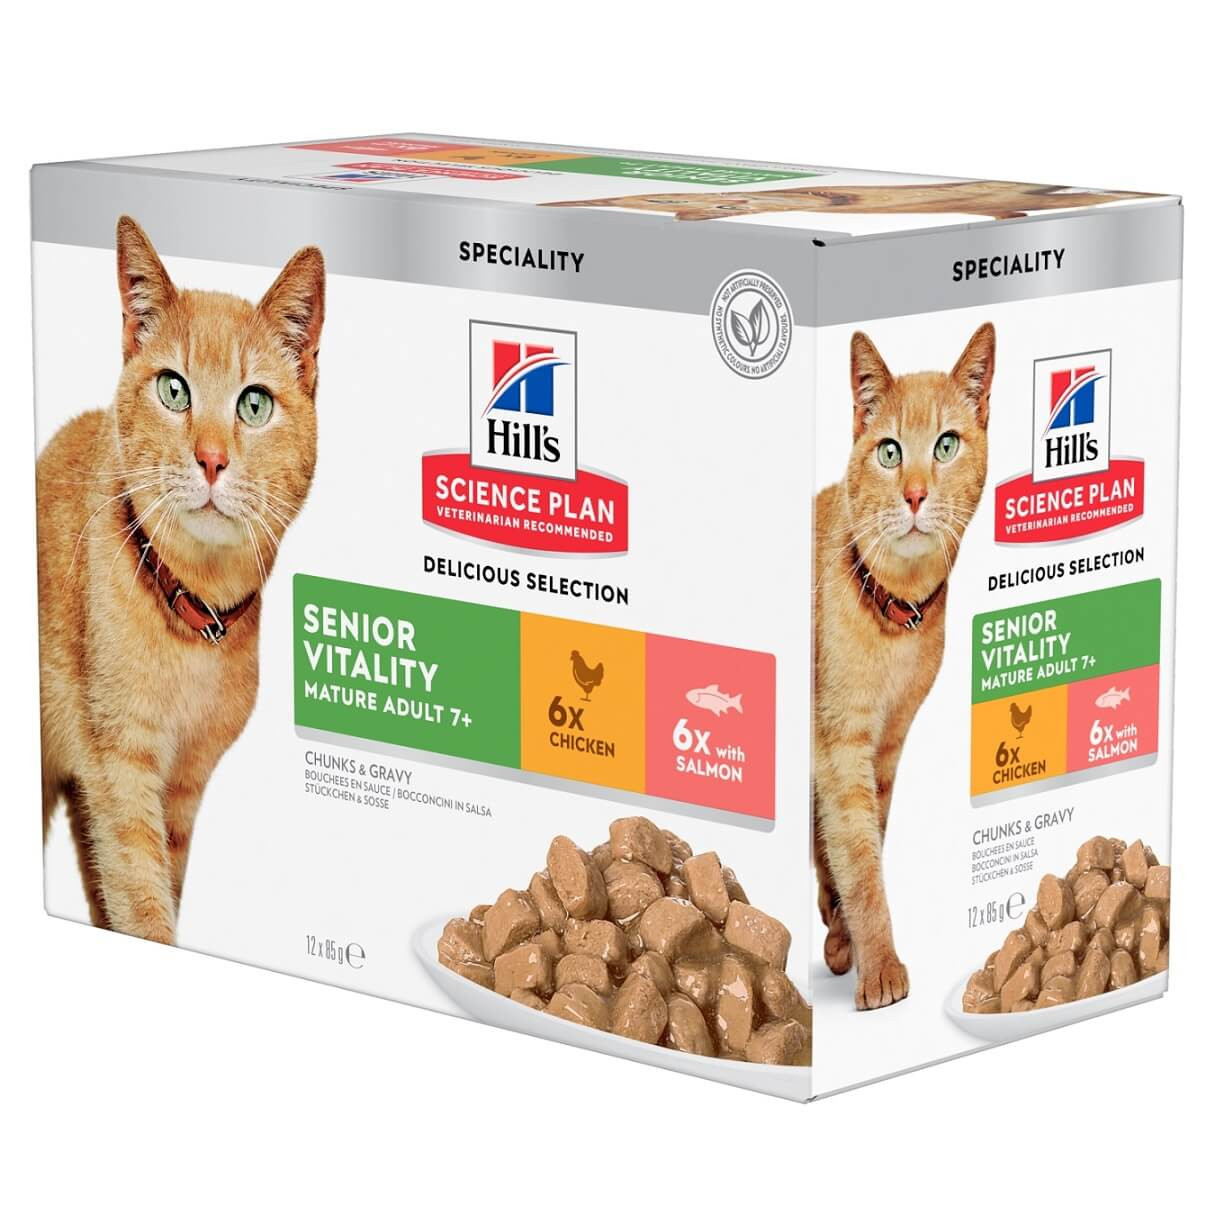 Hill's Mature Adult Senior Vitality pâtée pour chat combipack 12x85g